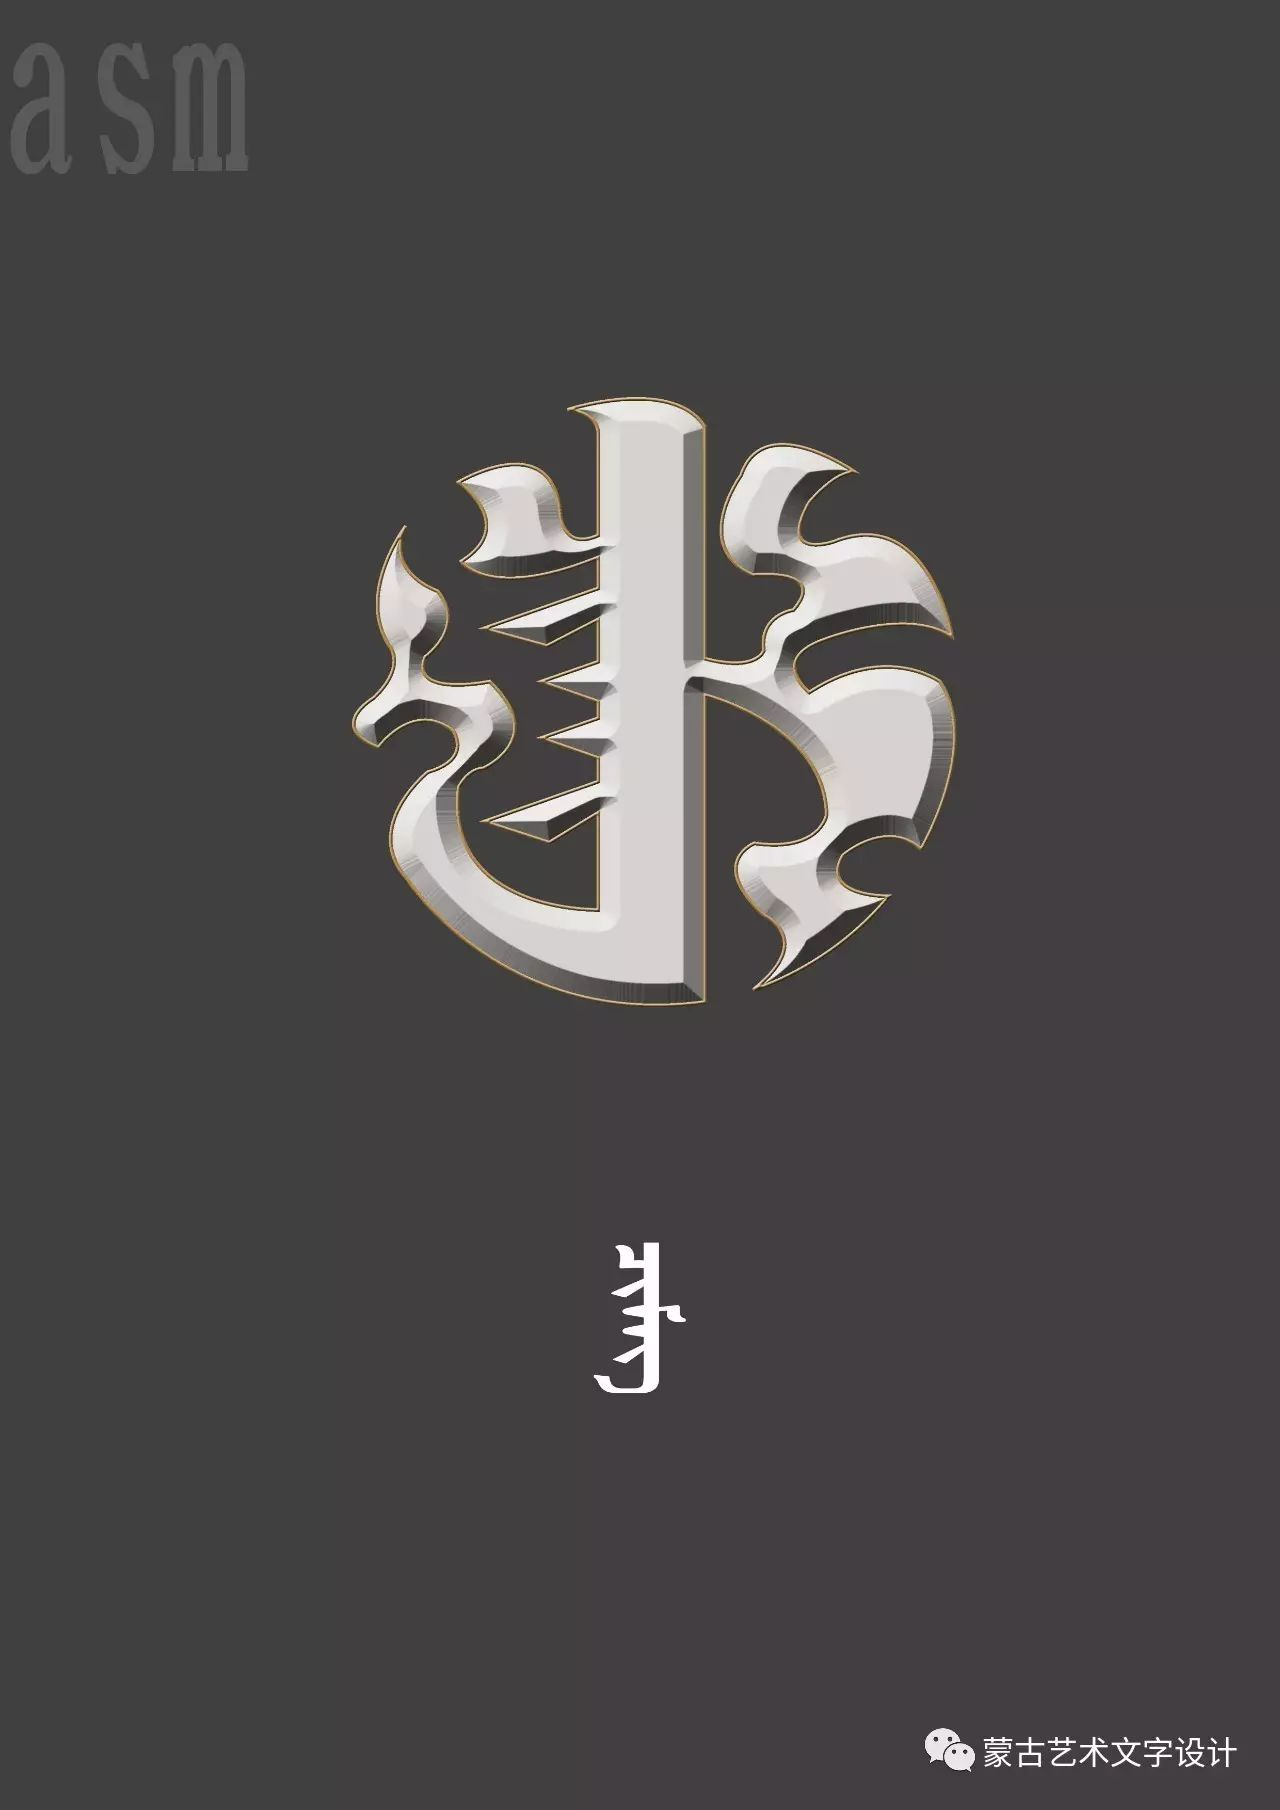 蒙古艺术文字设计 第59张